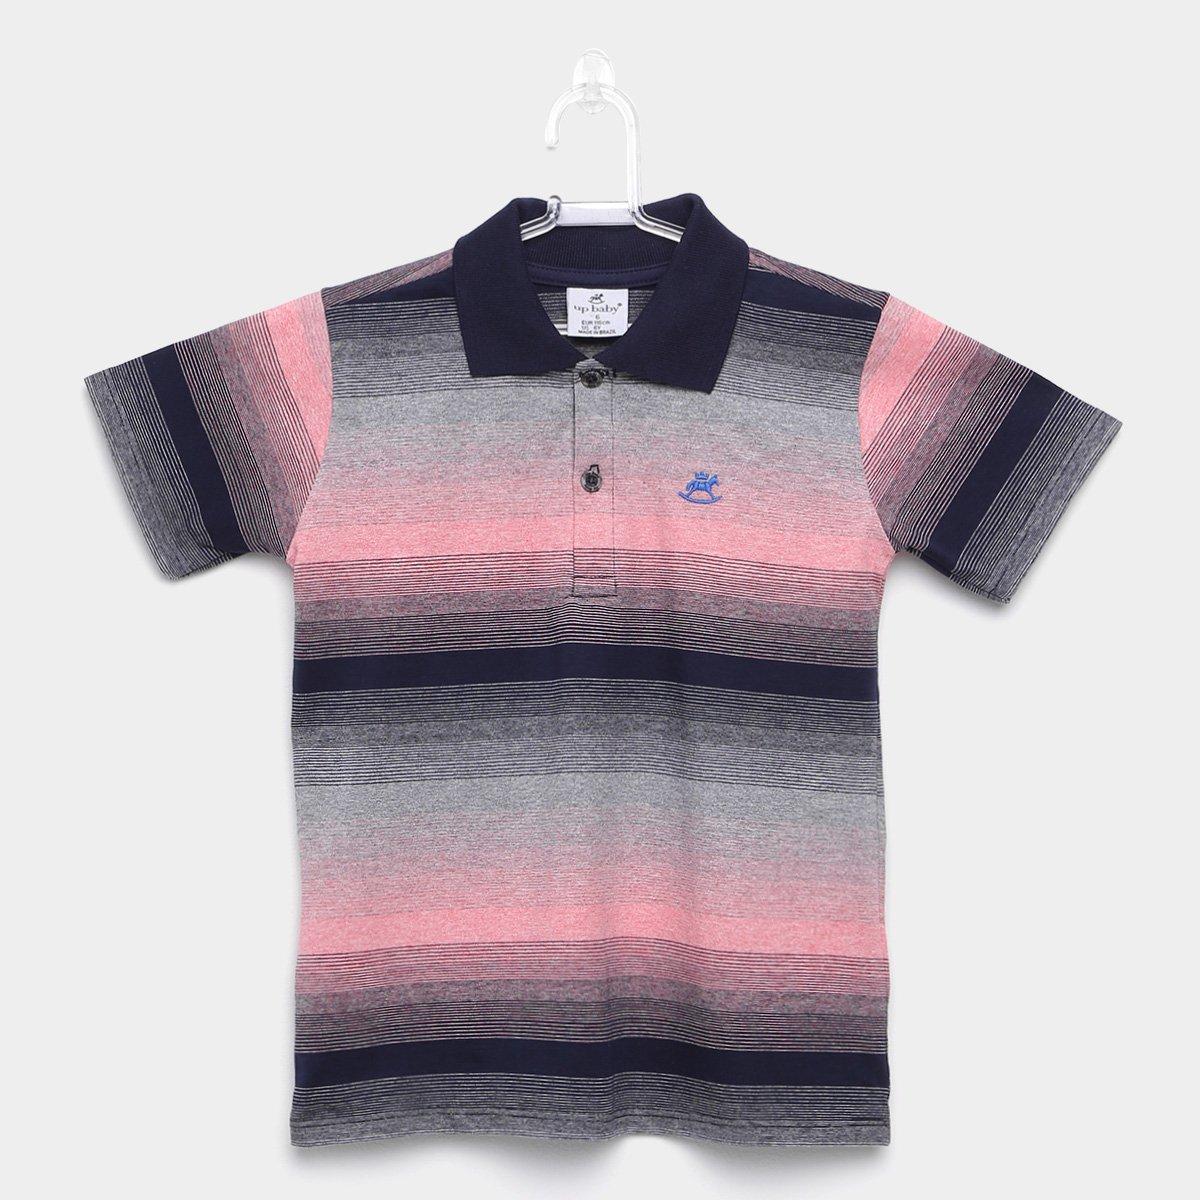 b5838976a1b5a Camisa Polo Infantil Up Baby Malha Listrada Masculina - Marinho e Rosa Claro  - Compre Agora